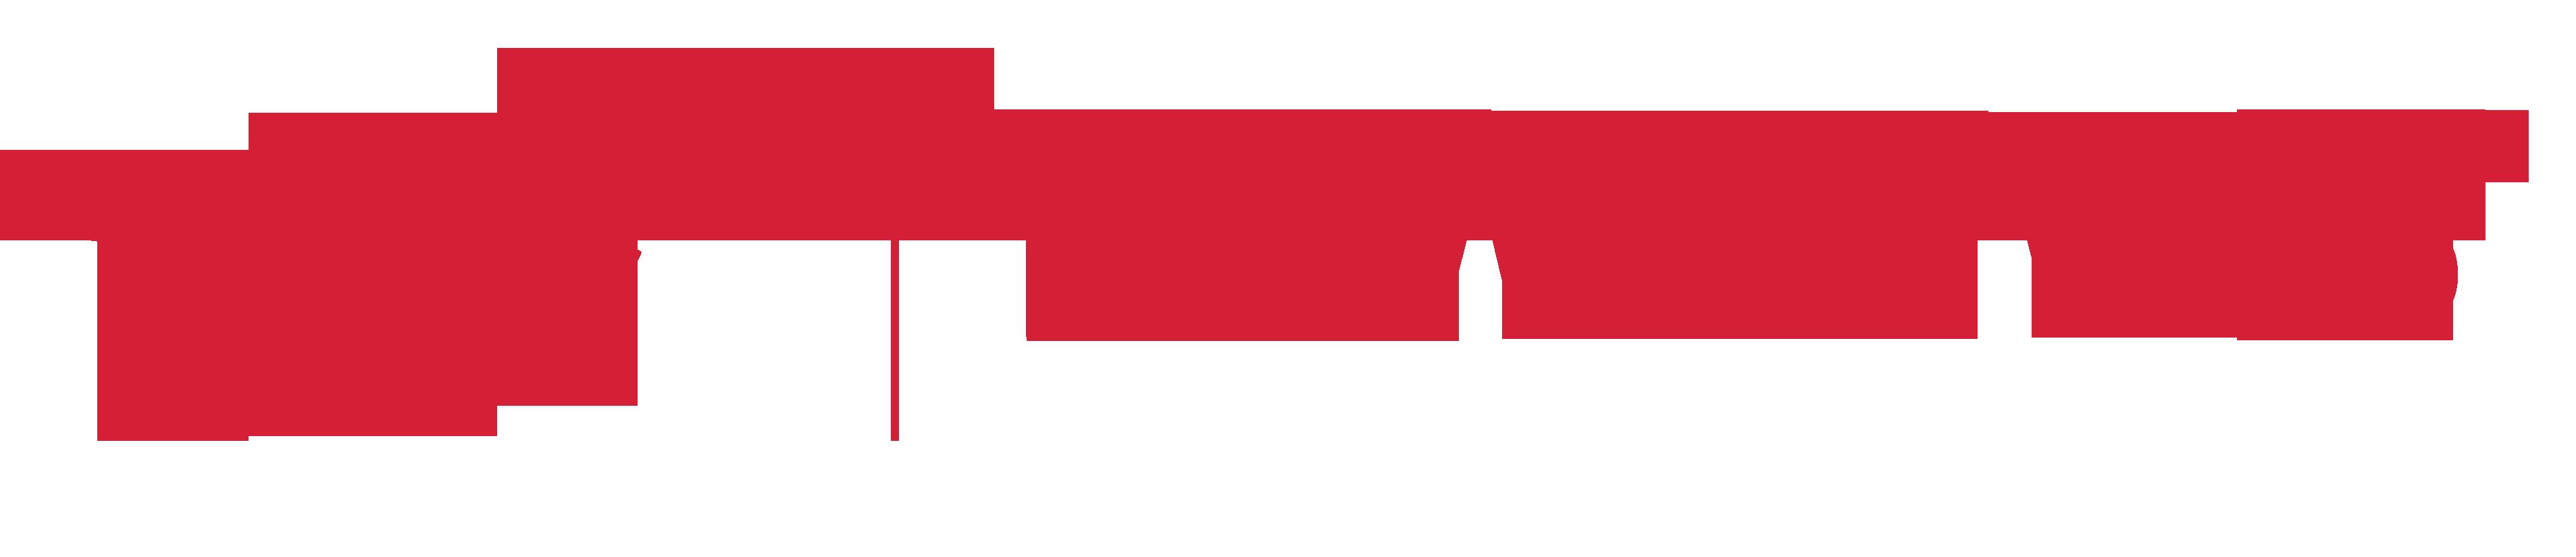 Town Web